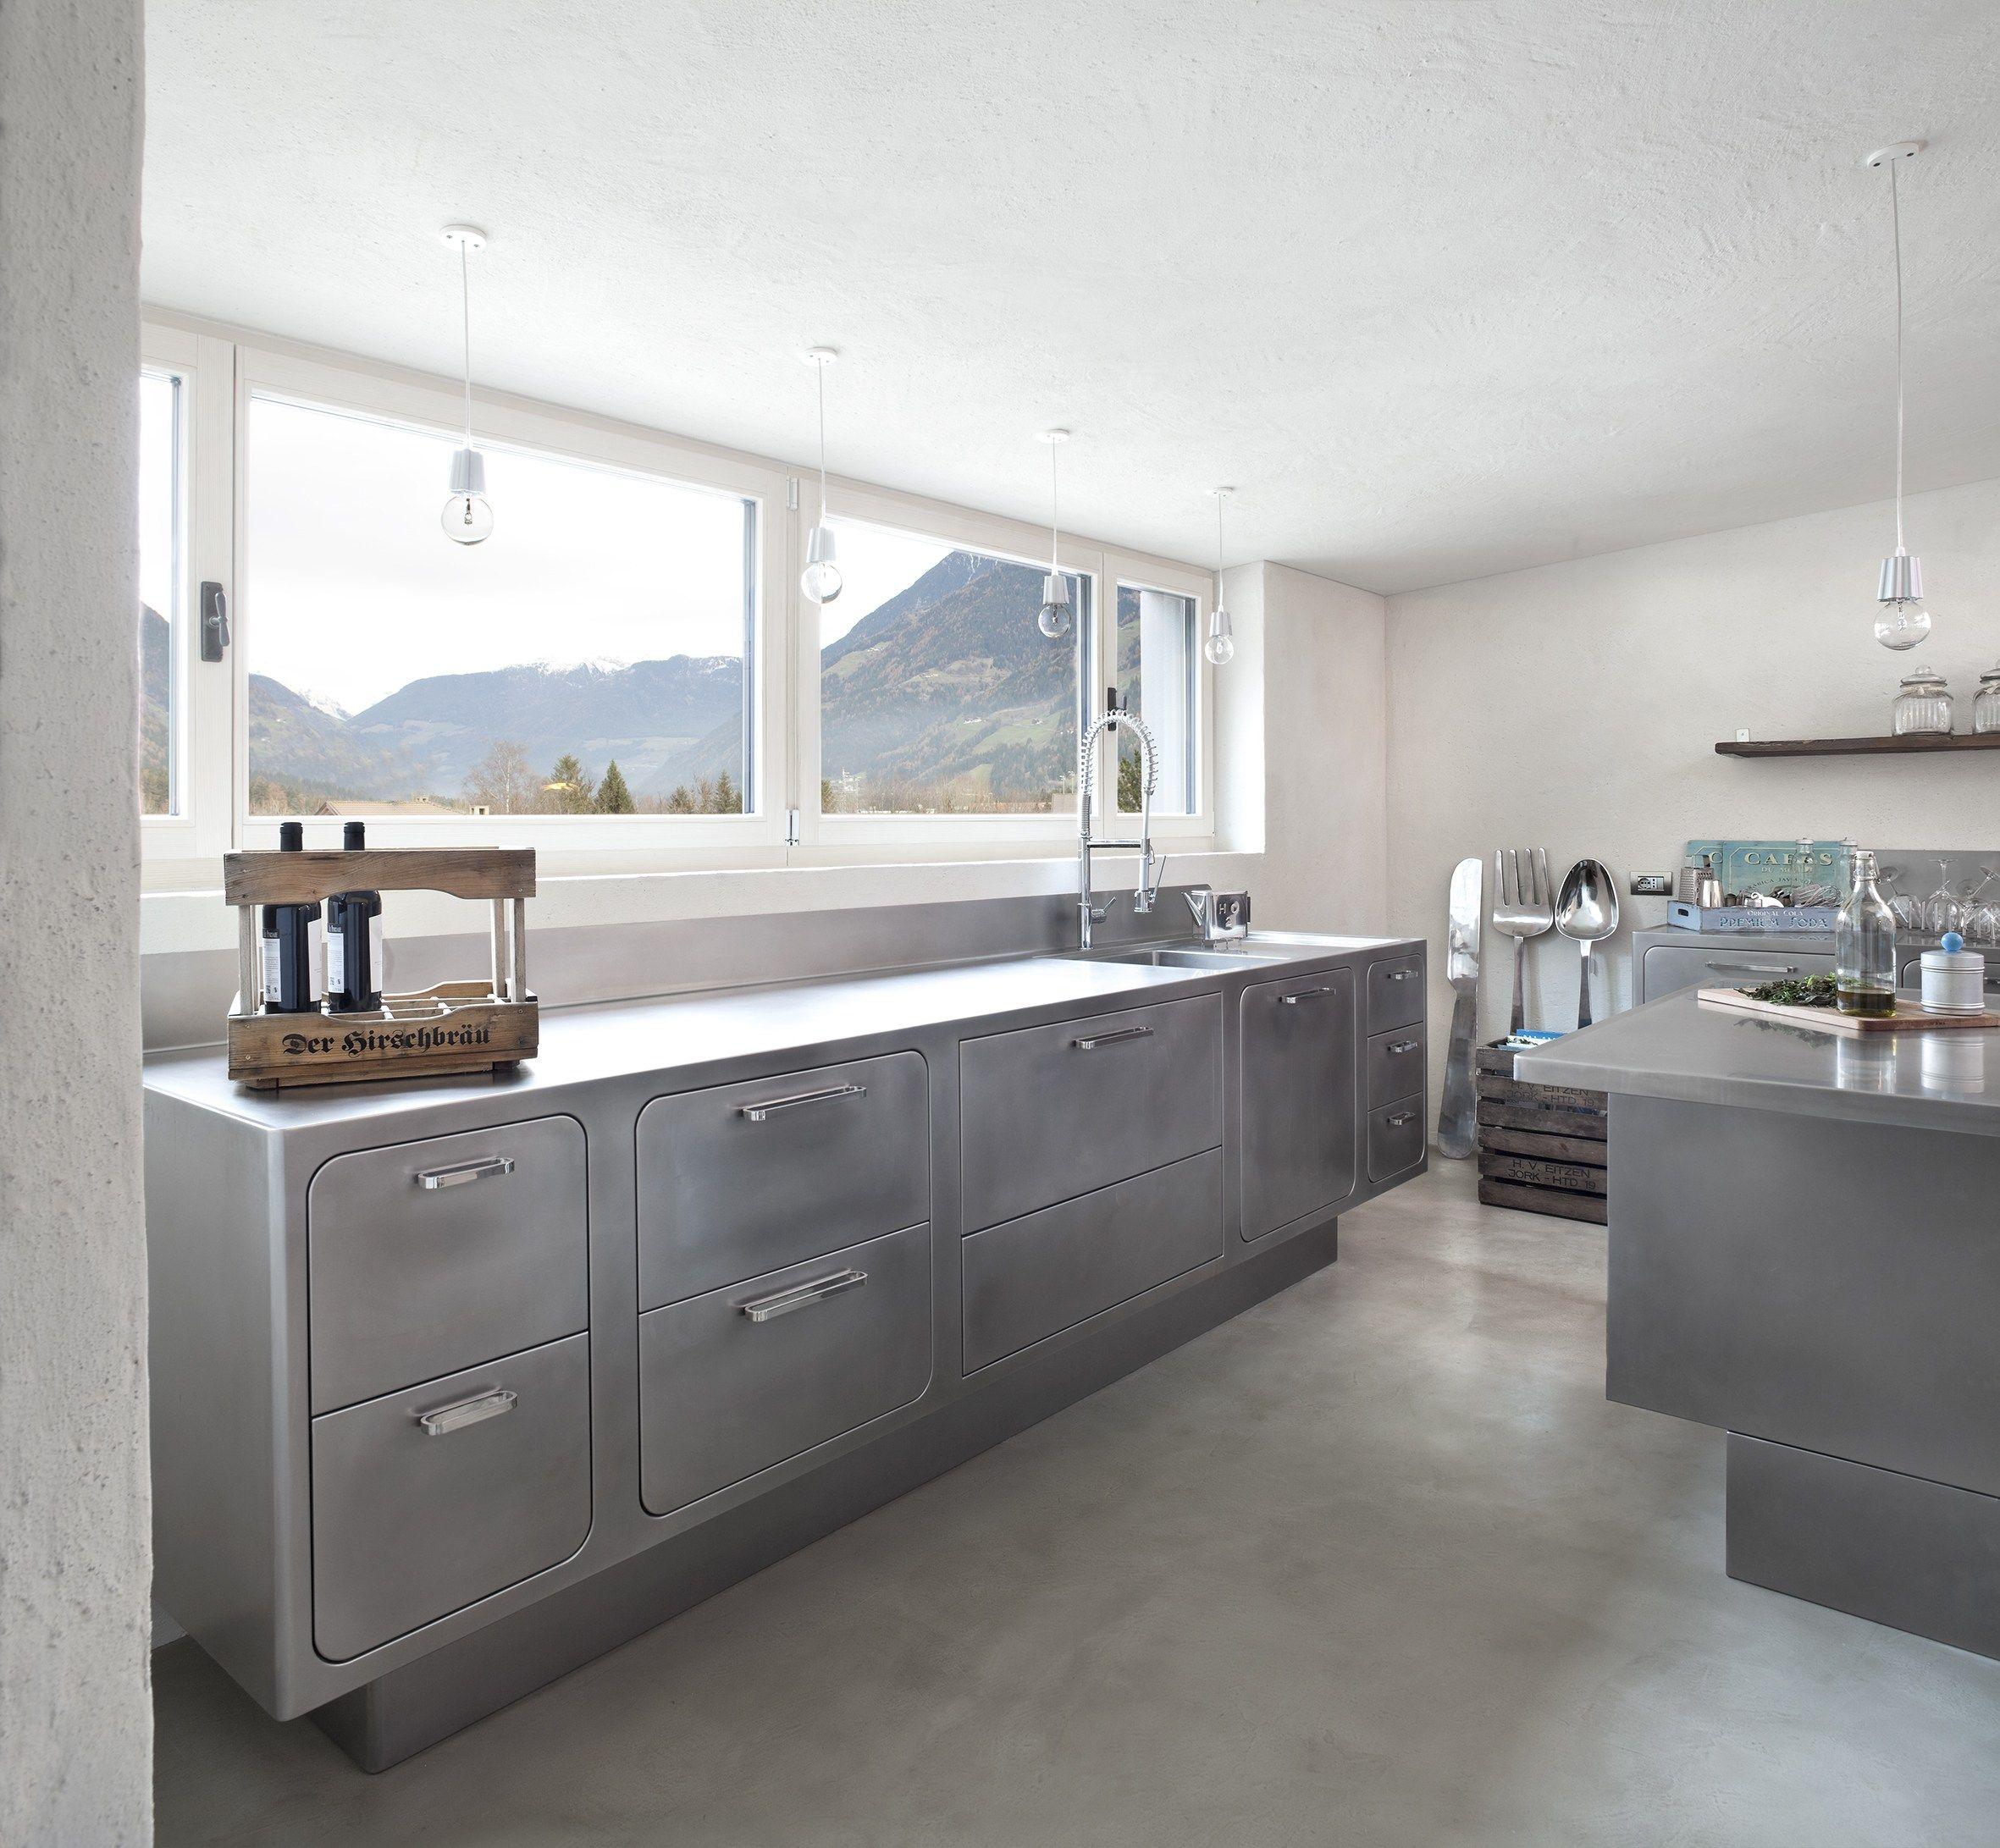 Uberlegen Küche Aus Edelstahl Für Gewerbe EGO By ABIMIS By PRISMA | Design Alberto  Torsello